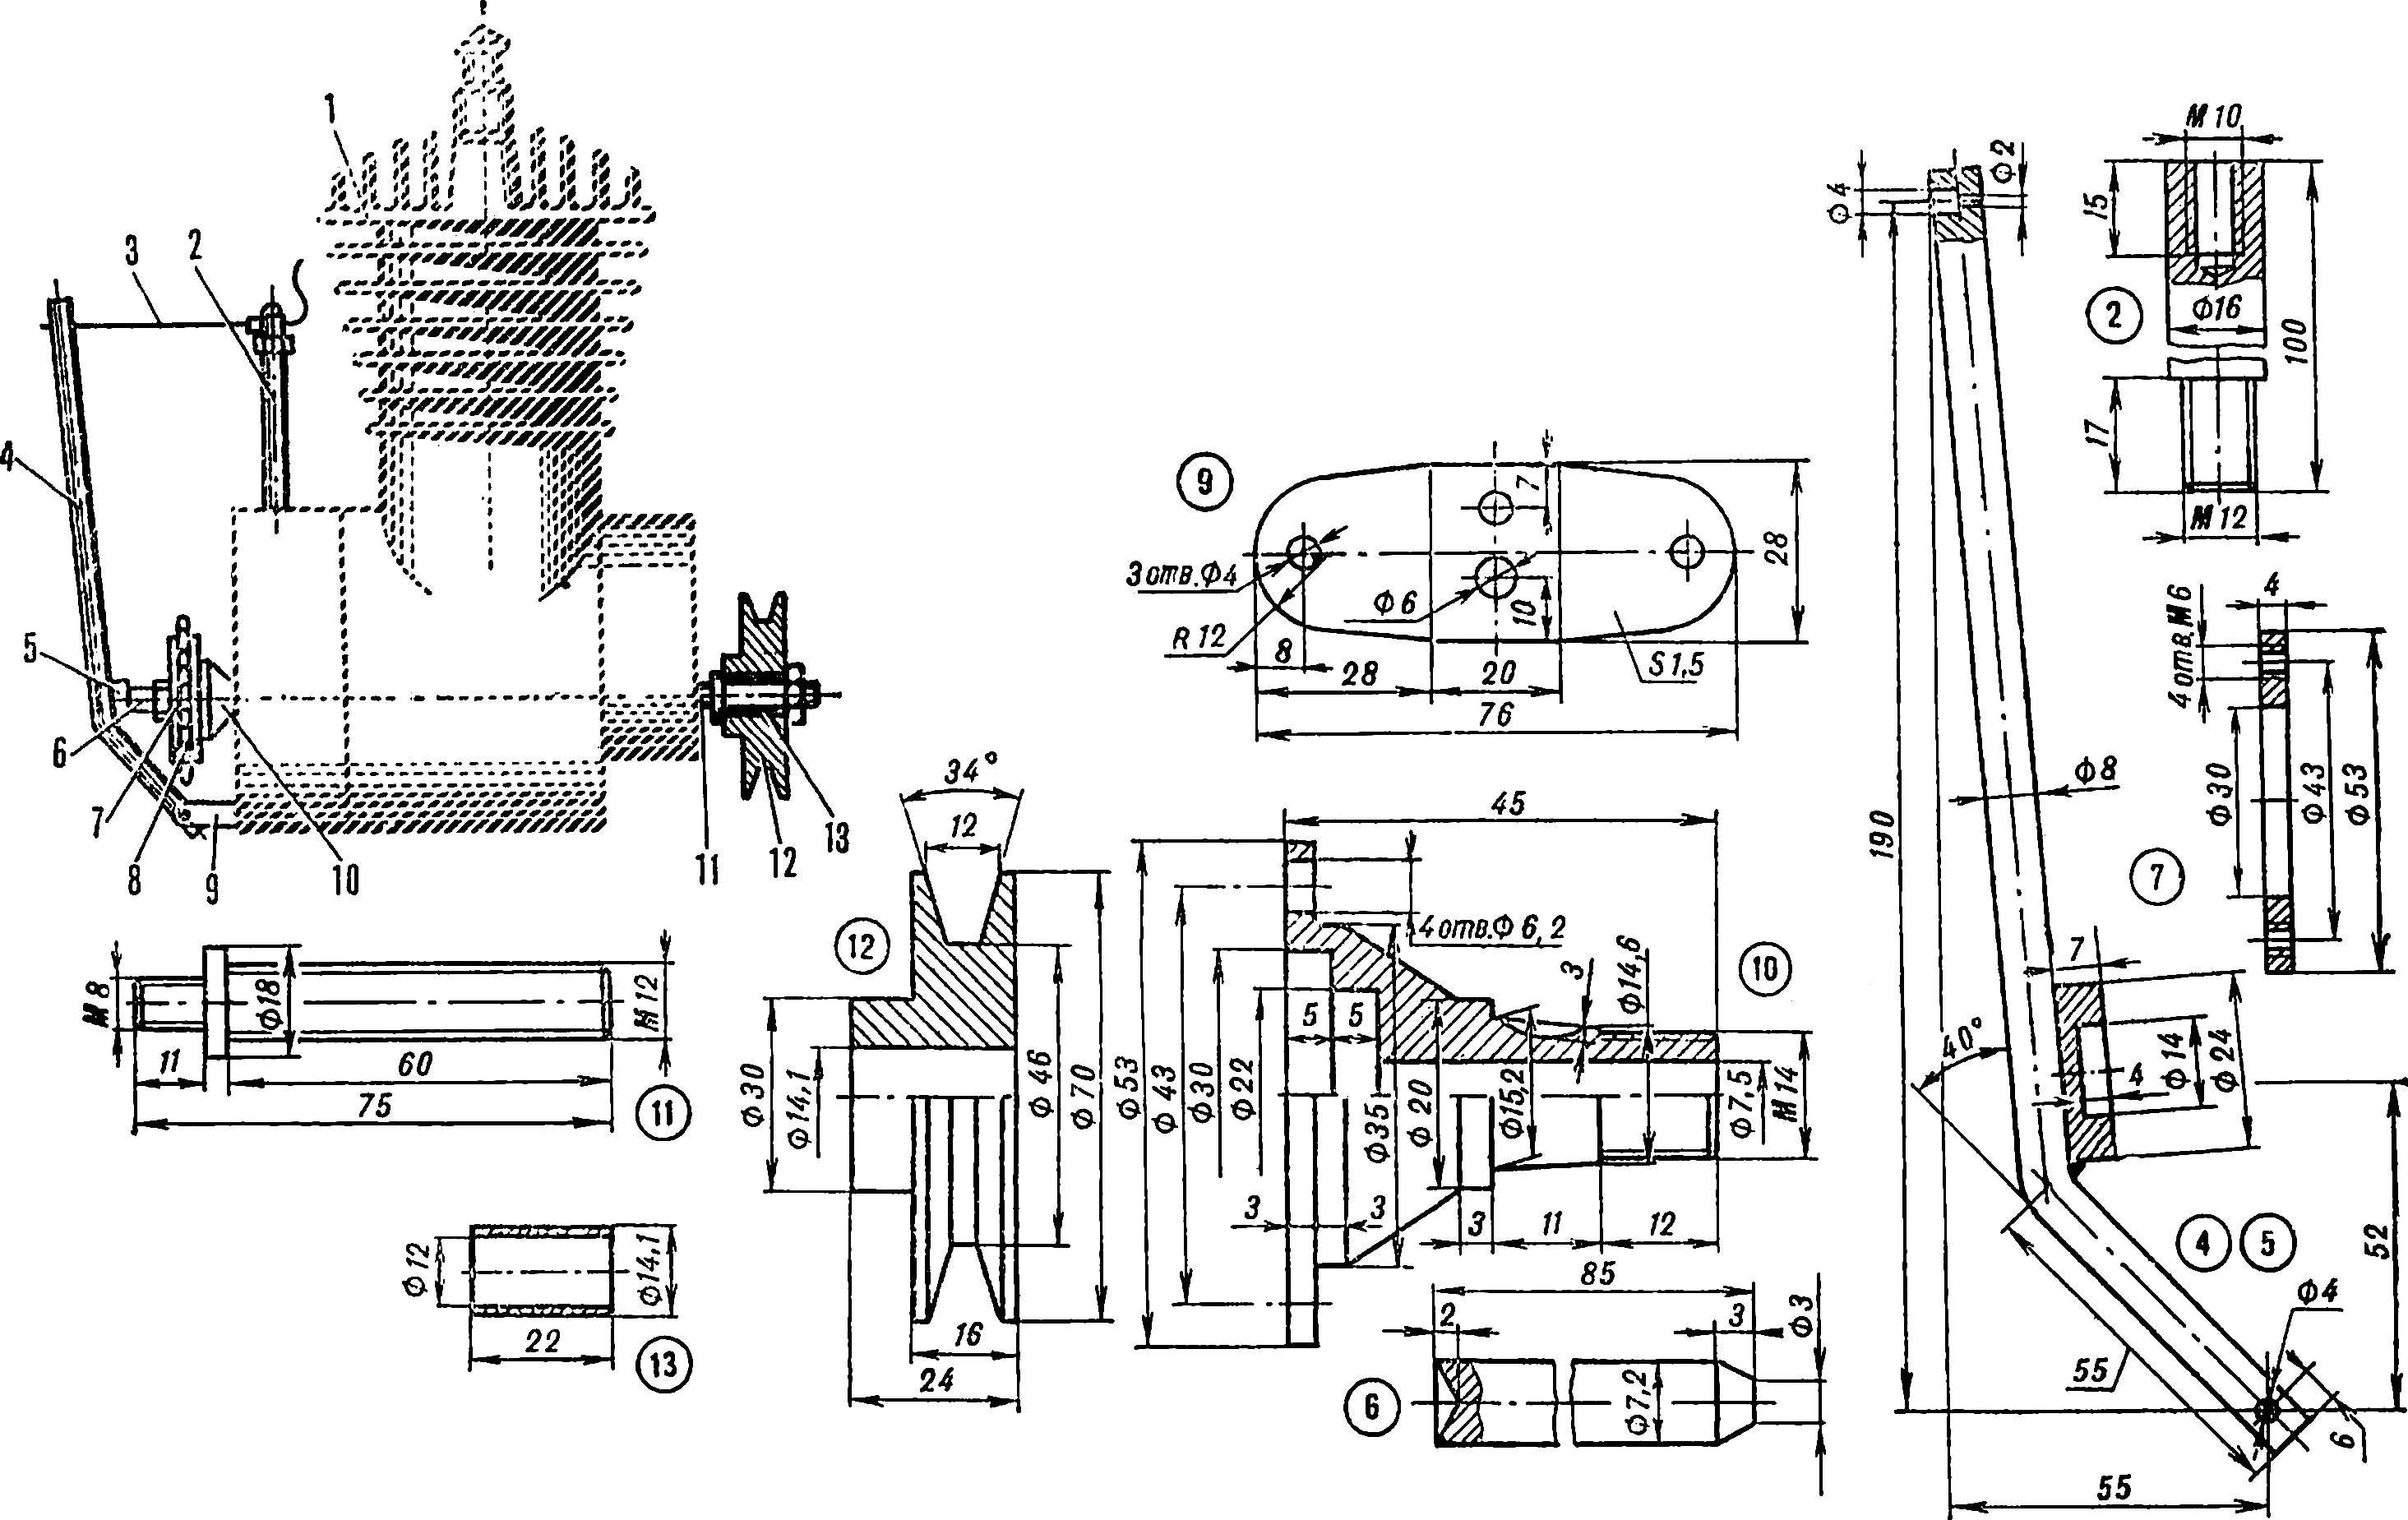 Рис. 4. Схема доработки двигателя.